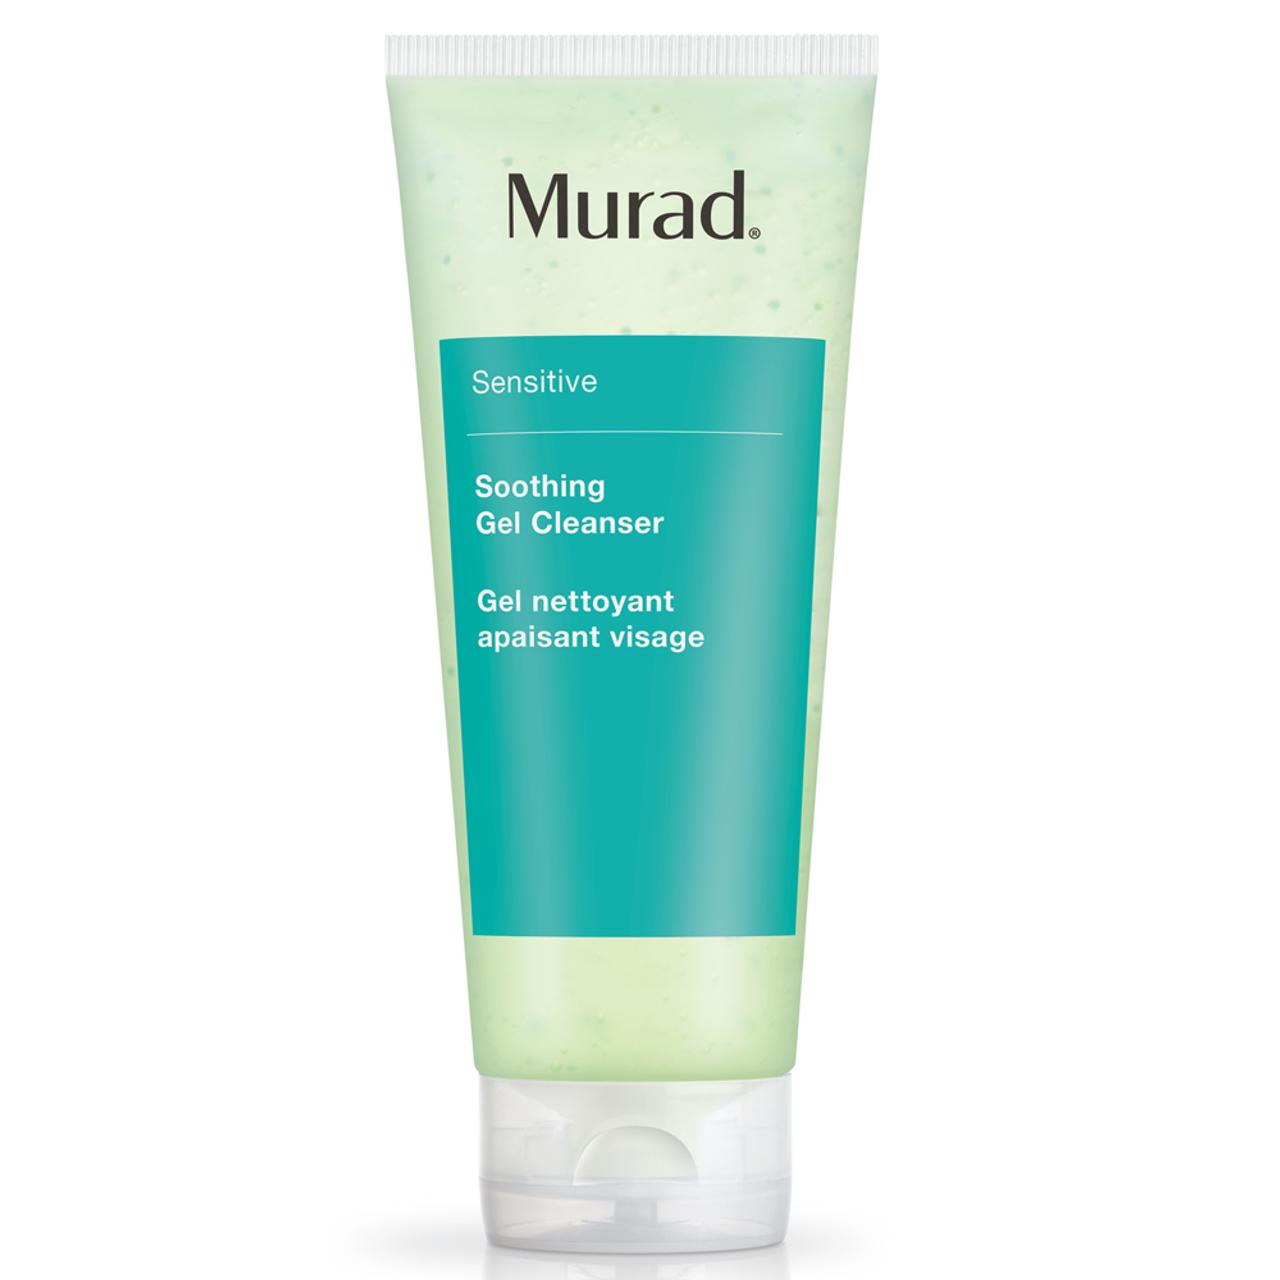 Murad Soothing Gel Cleanser 6.75 oz